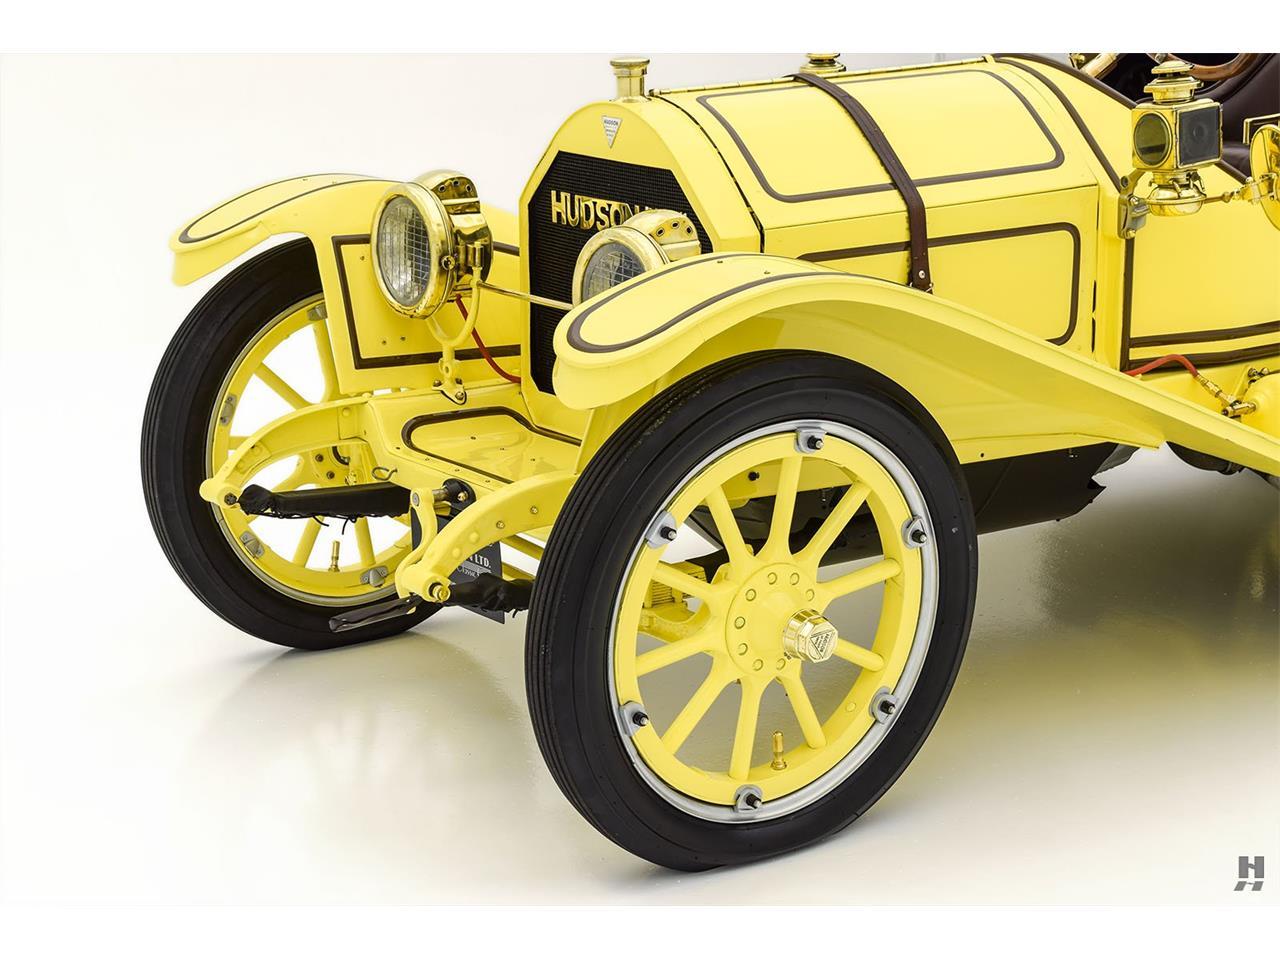 1912 Hudson Automobile (CC-1088368) for sale in Saint Louis, Missouri